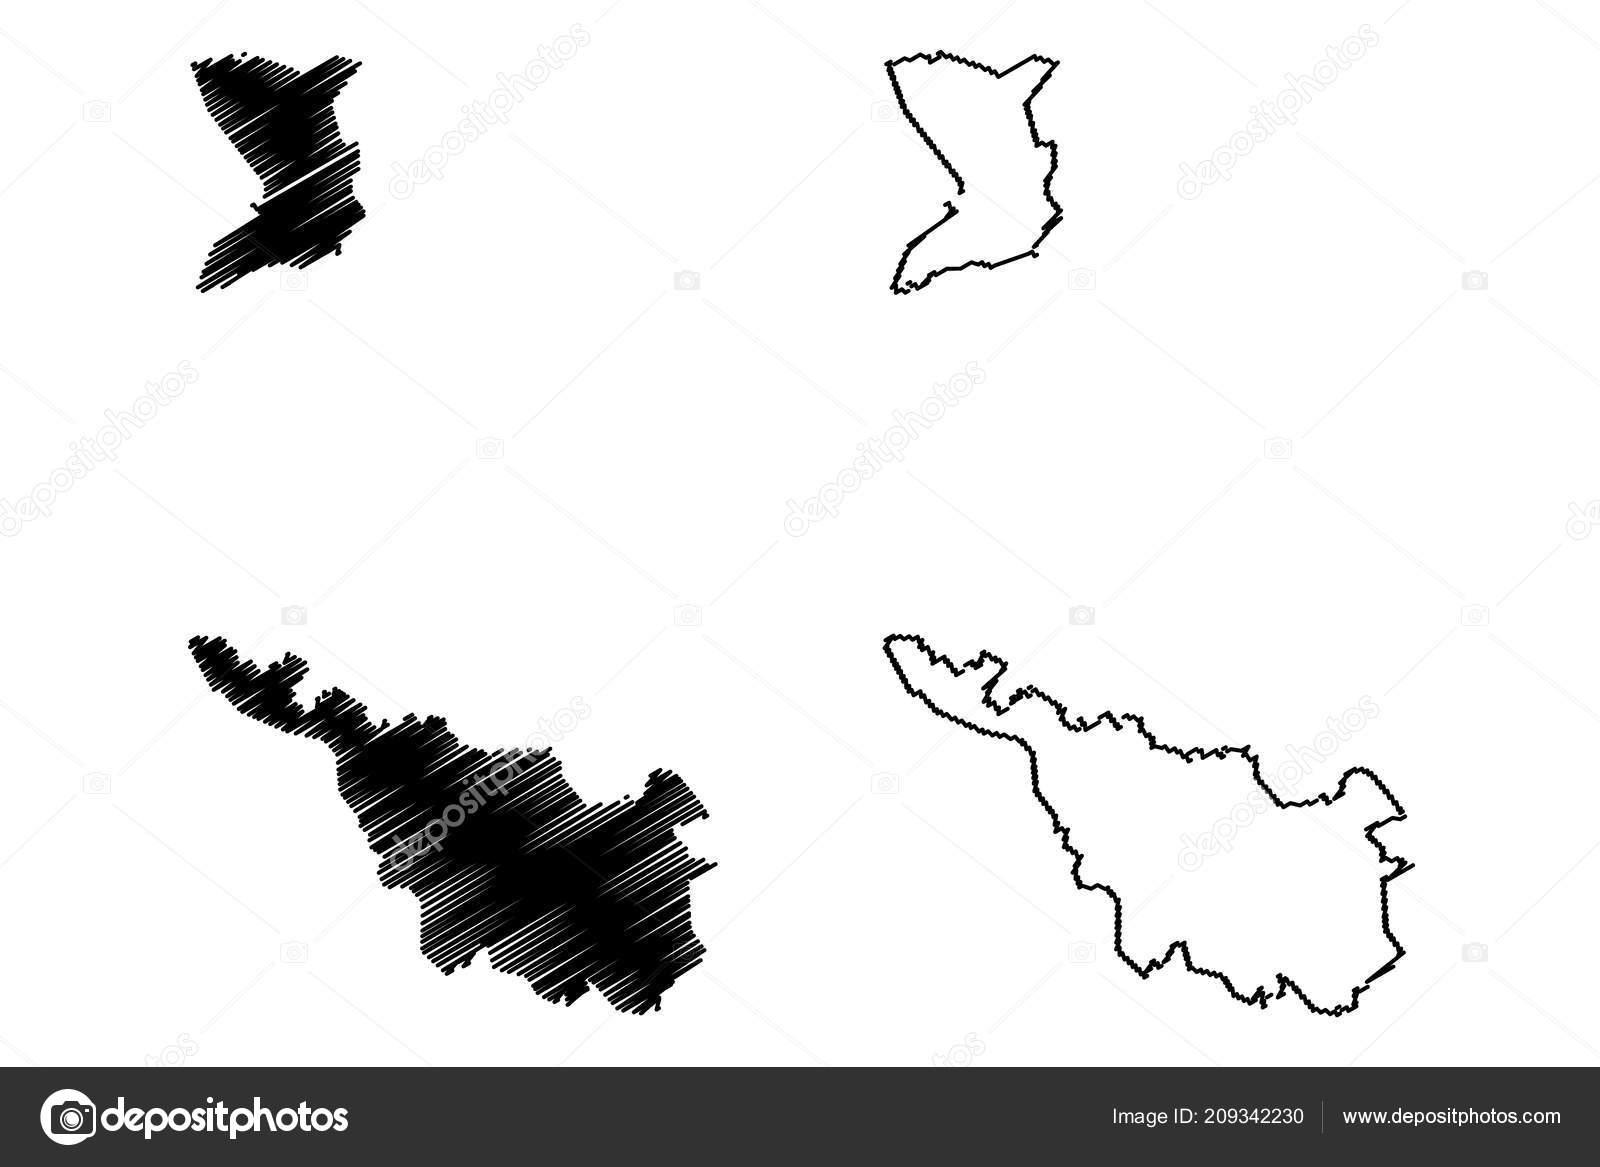 Bundesland Bremen Karte.Bremen Bundesrepublik Deutschland Bundesland Karte Vektor